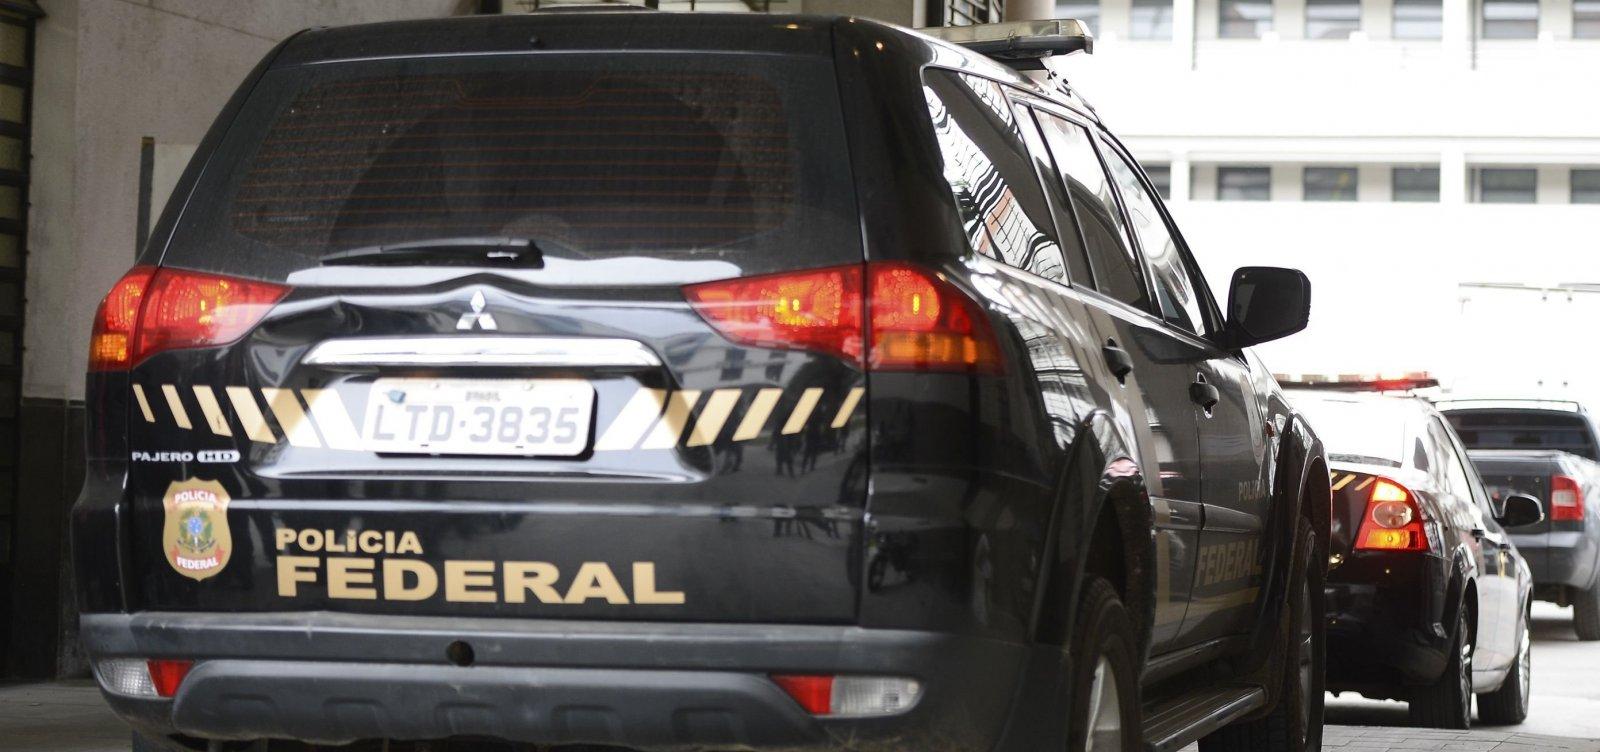 [Operação Faroeste: PF faz busca de documentos em residência de desembargadora]